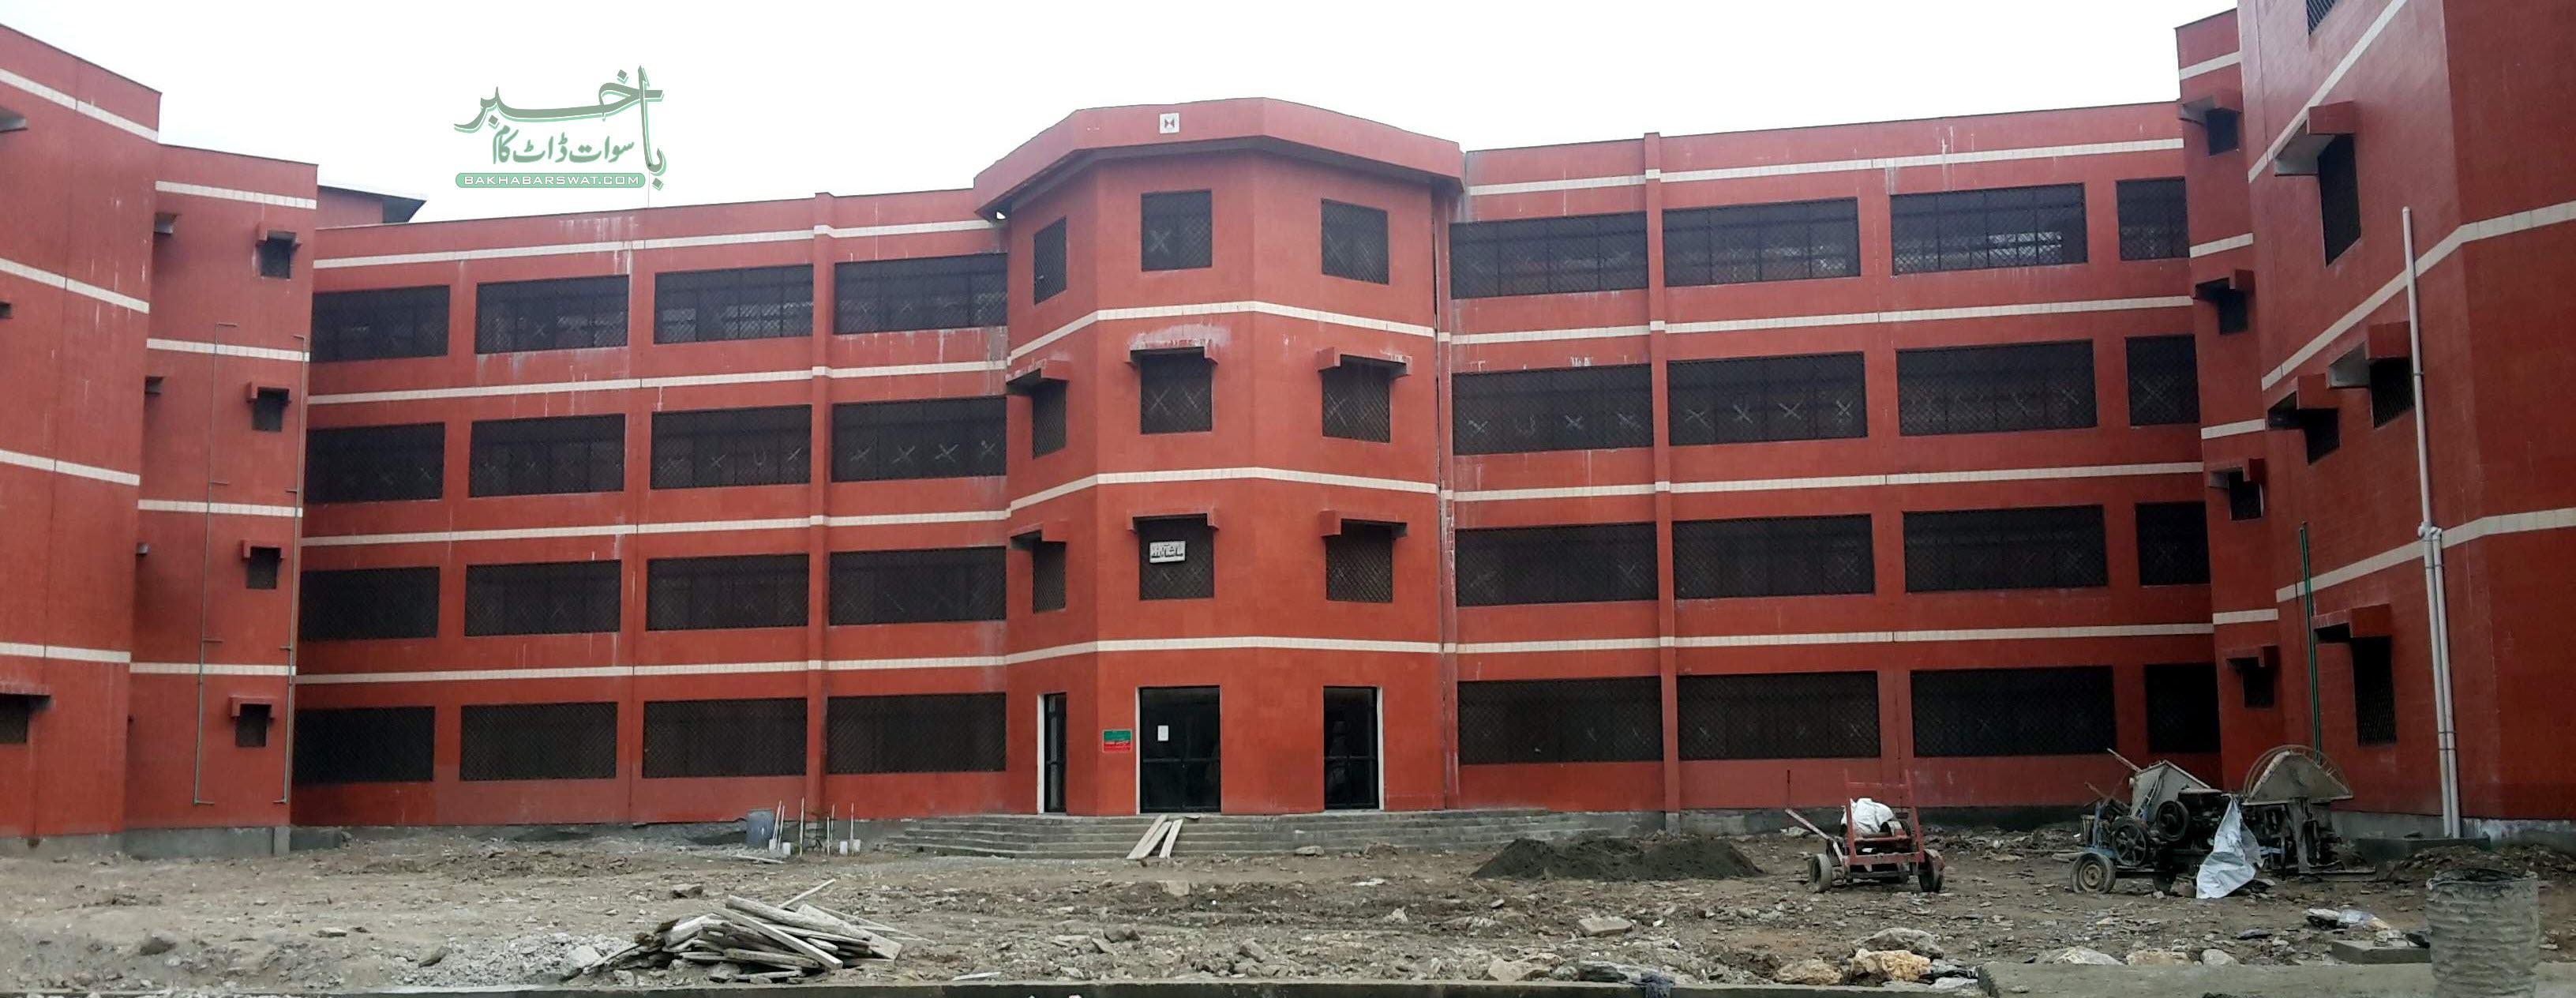 500 بستروں کے سیدو ہسپتال کا میگا منصوبہ آخری مراحل میں ہے، ڈاکٹر فارق جمیل